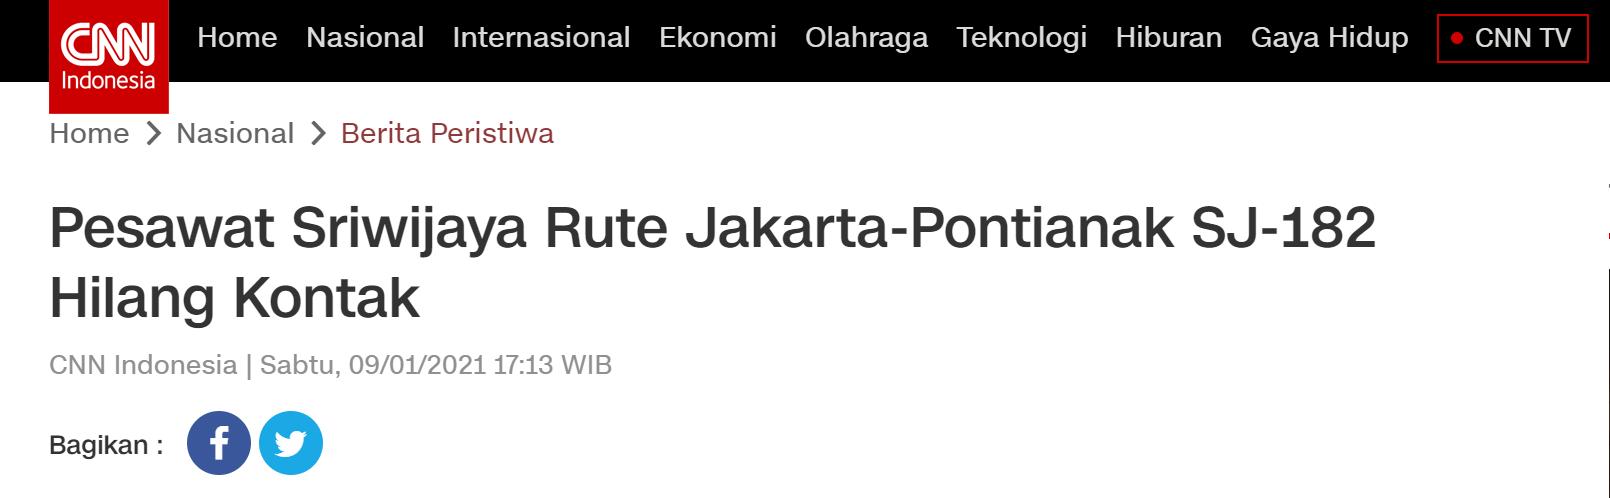 印尼一架载超50人客机失联,当地媒体:印尼北部出现疑似飞机残骸